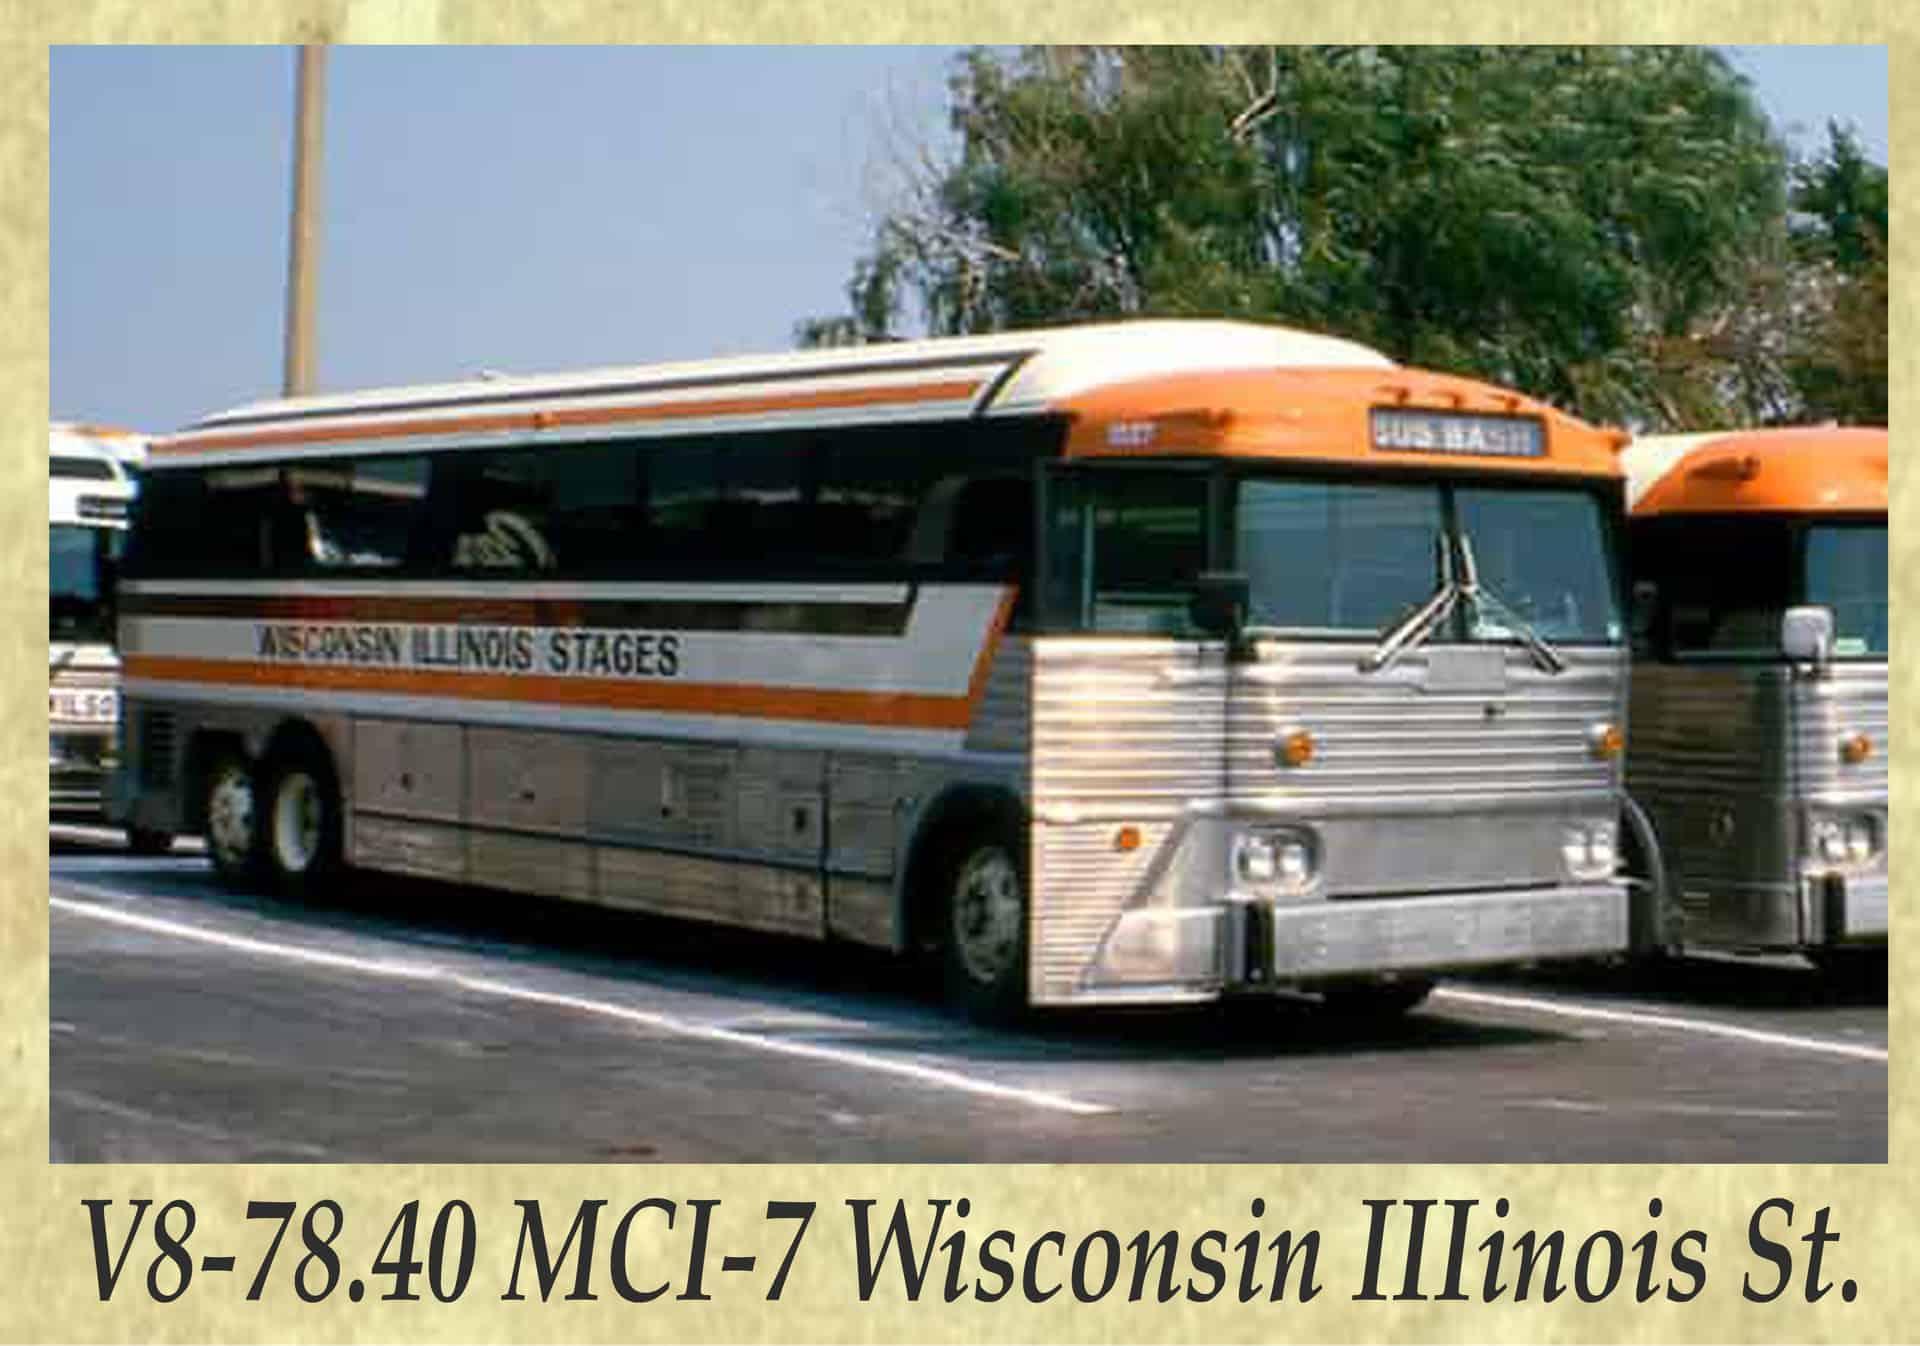 V8-78.40 MCI-7 Wisconsin IIIinois St.